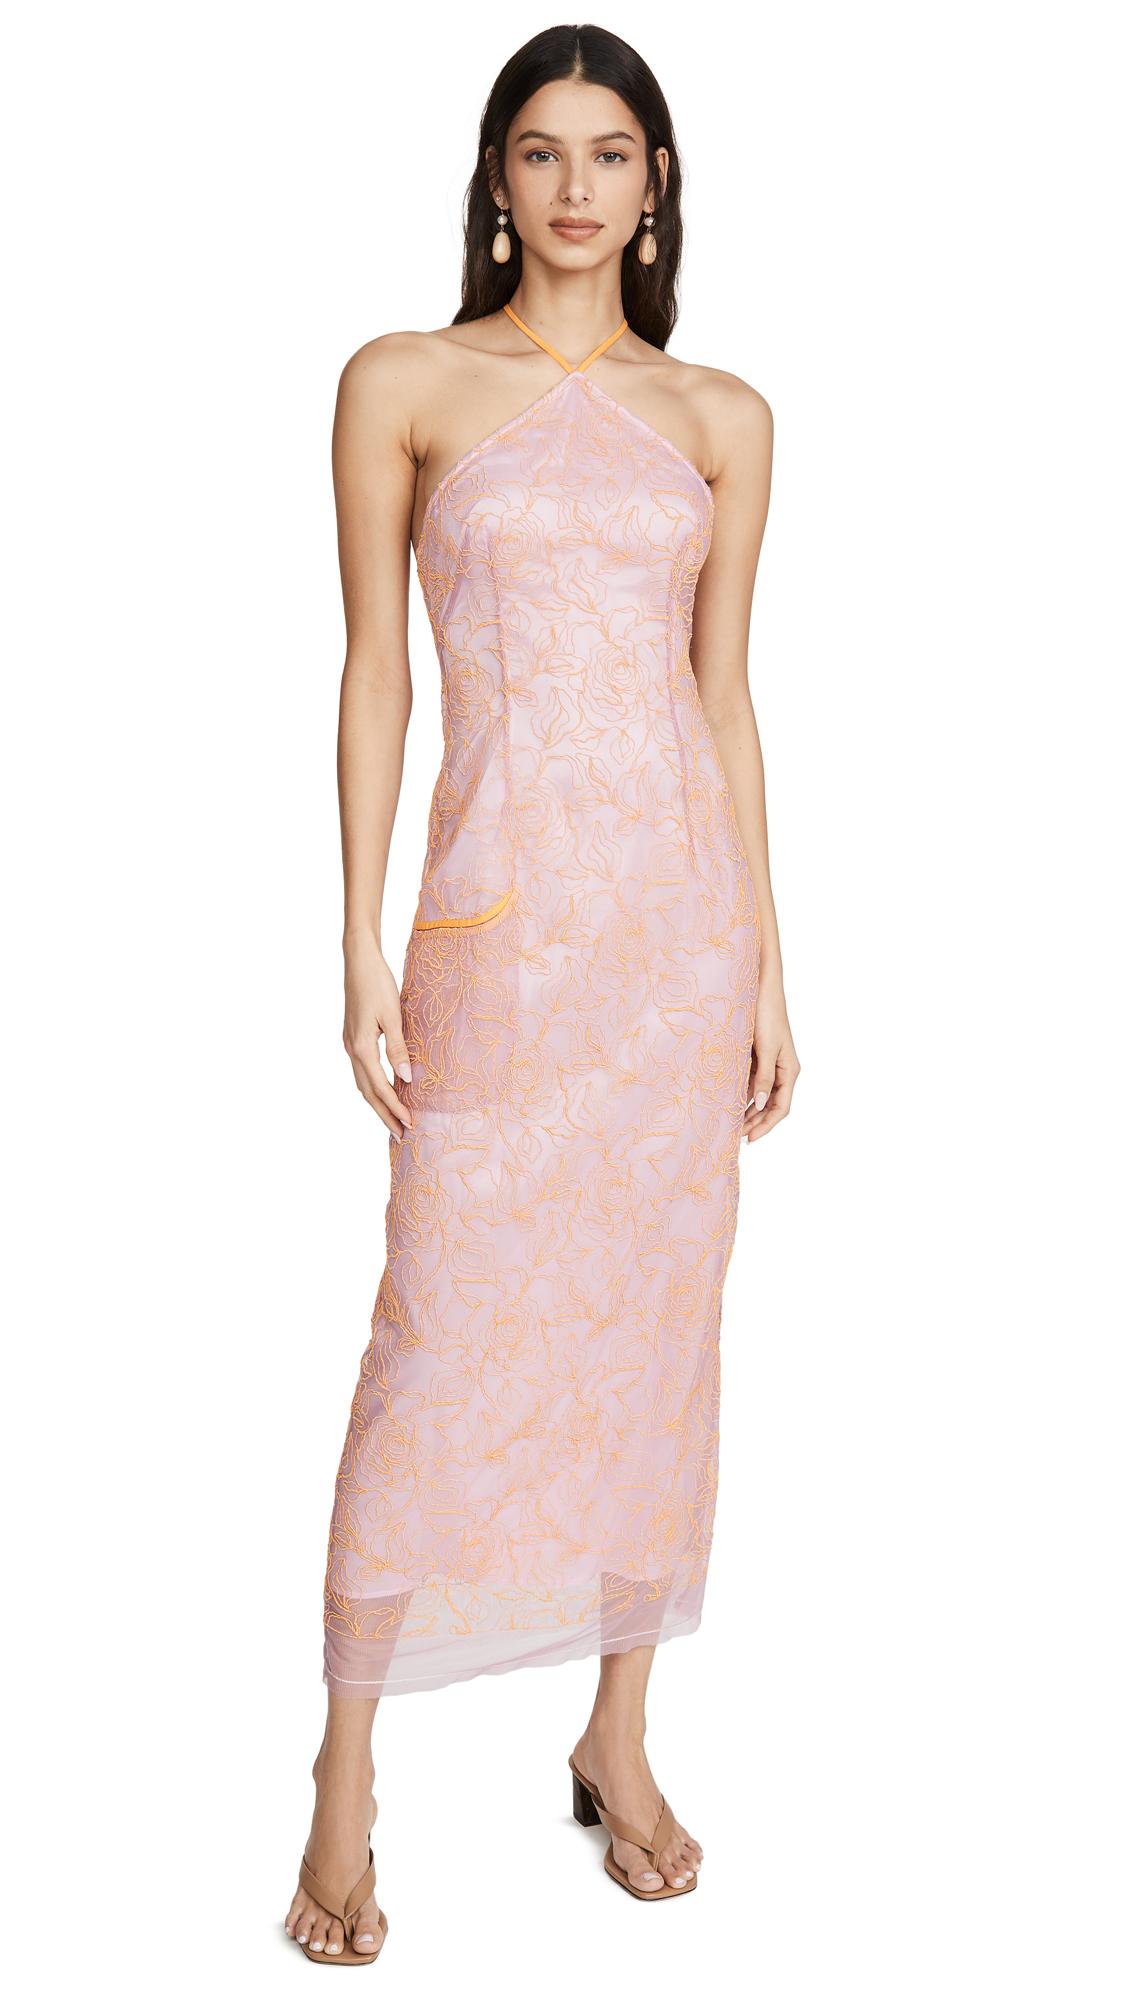 Jacquemus The Lavender Dress - 30% Off Sale